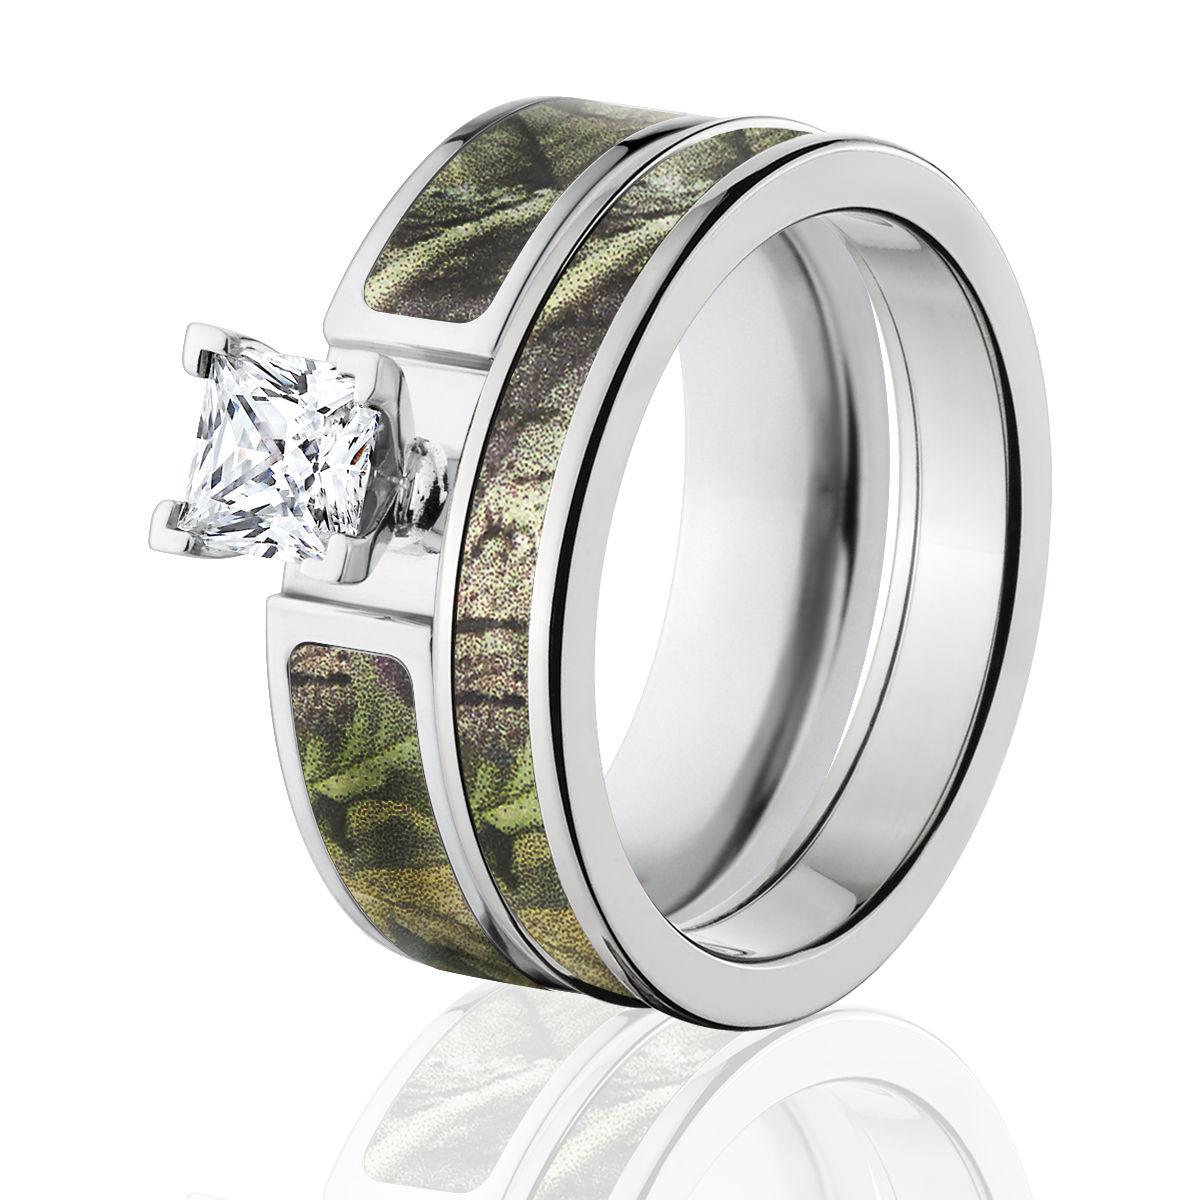 Realtree Wedding Rings: RealTree Green Camo Bridal Set, Camo Wedding Ring Set